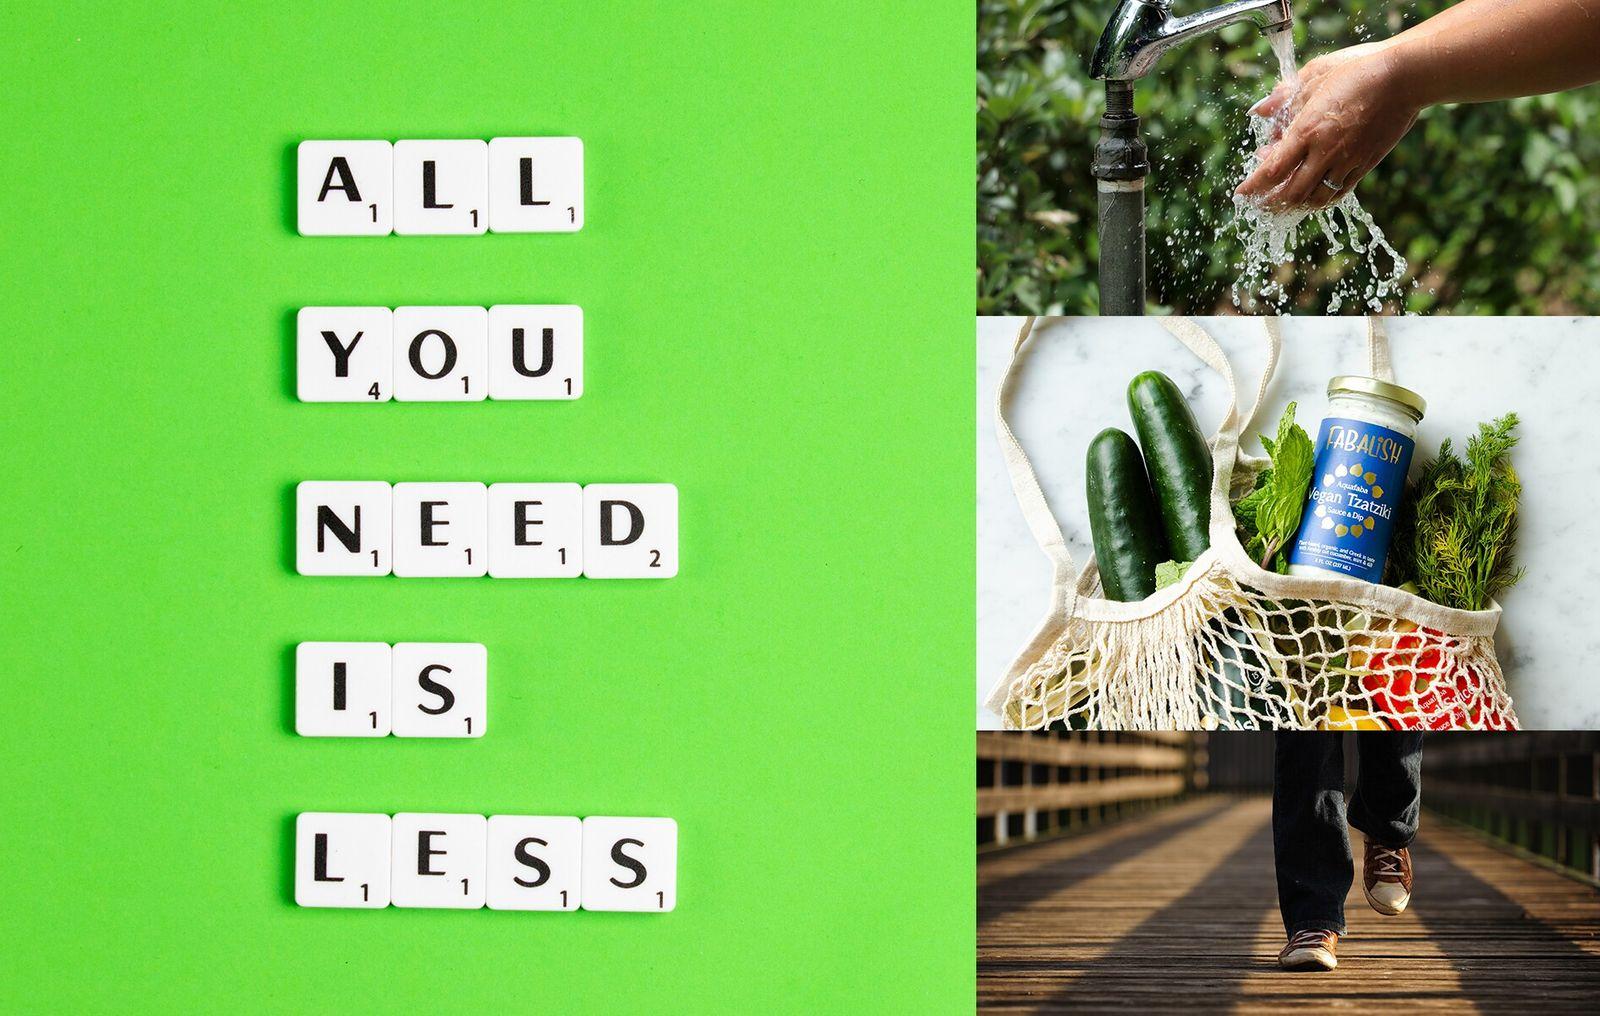 Durch ein bewussteres Konsumverhalten – vom Einkauf über den Wasserverbrauch bis hin zu Lebensmitteln und Transport ...